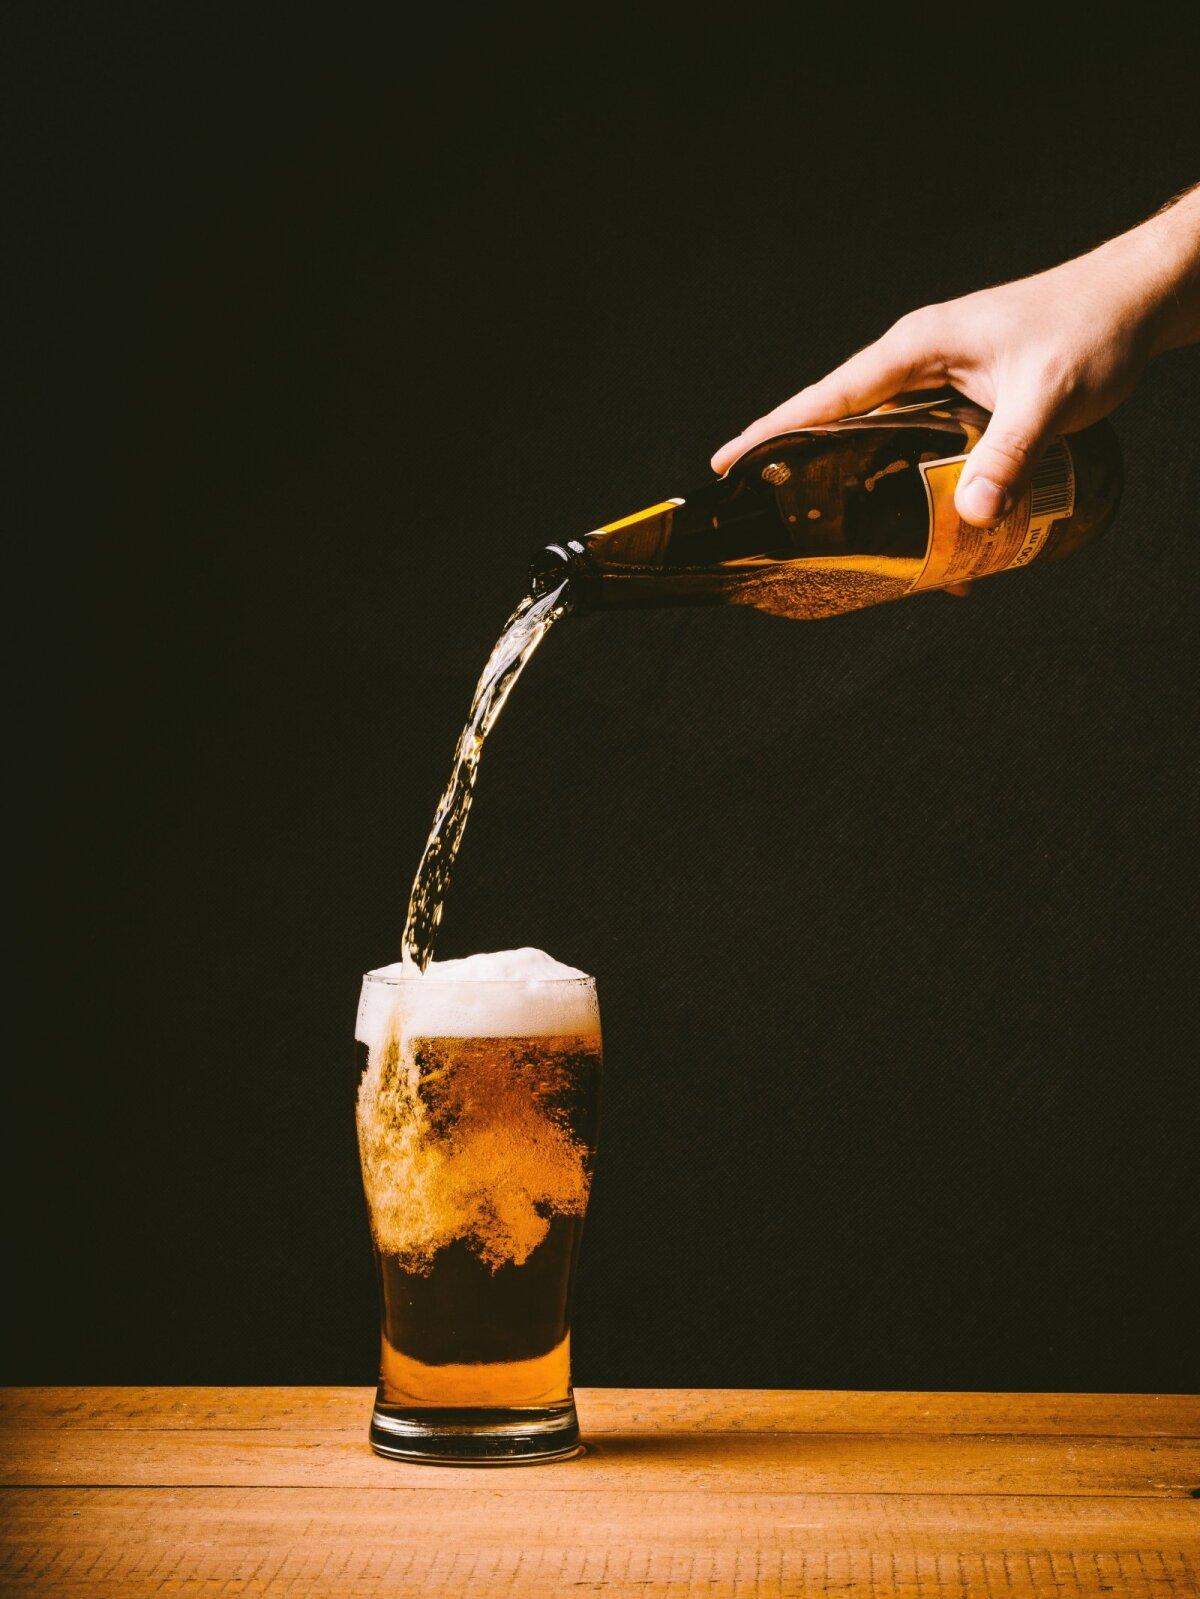 Sajand tagasi hakati alkoholivaba õlut tootma paratamatusest, sest isegi kuiva seaduse ajal sooviti juua õlut ehk linnastest, veest ja humalatest pärmiga kääritatud jooki.